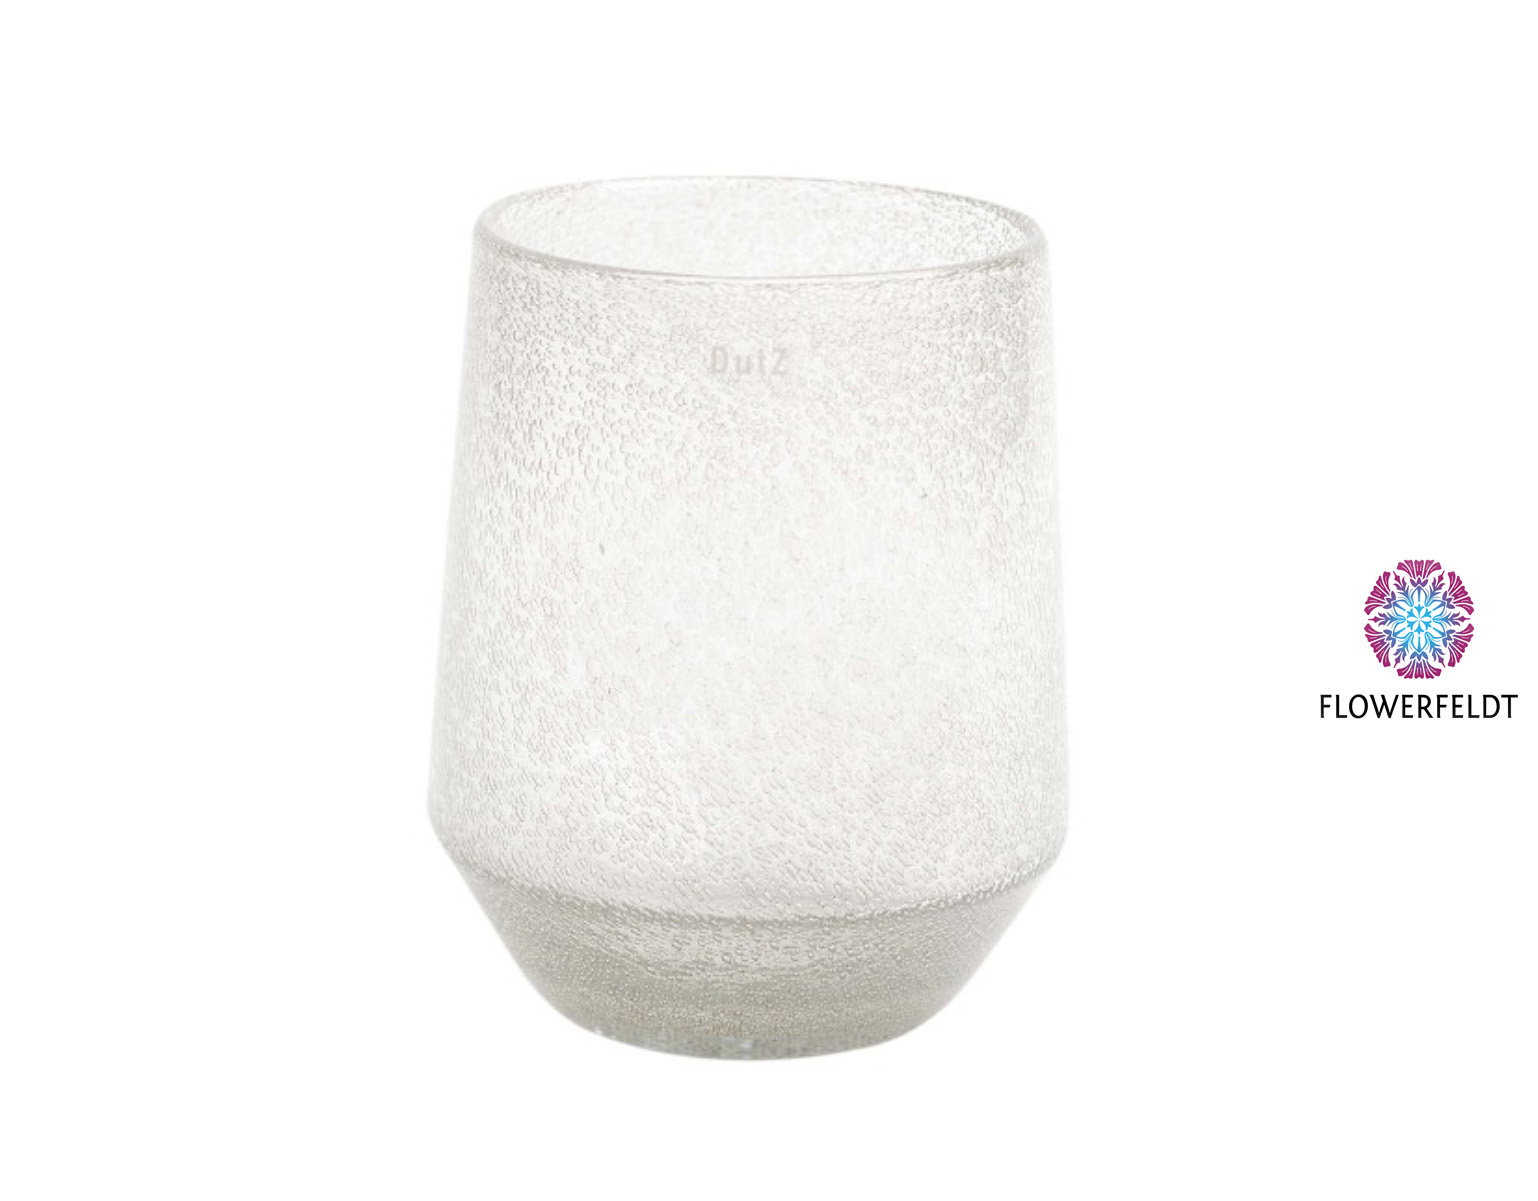 DutZ Vase Nita 1 clear bubbles - H30 cm